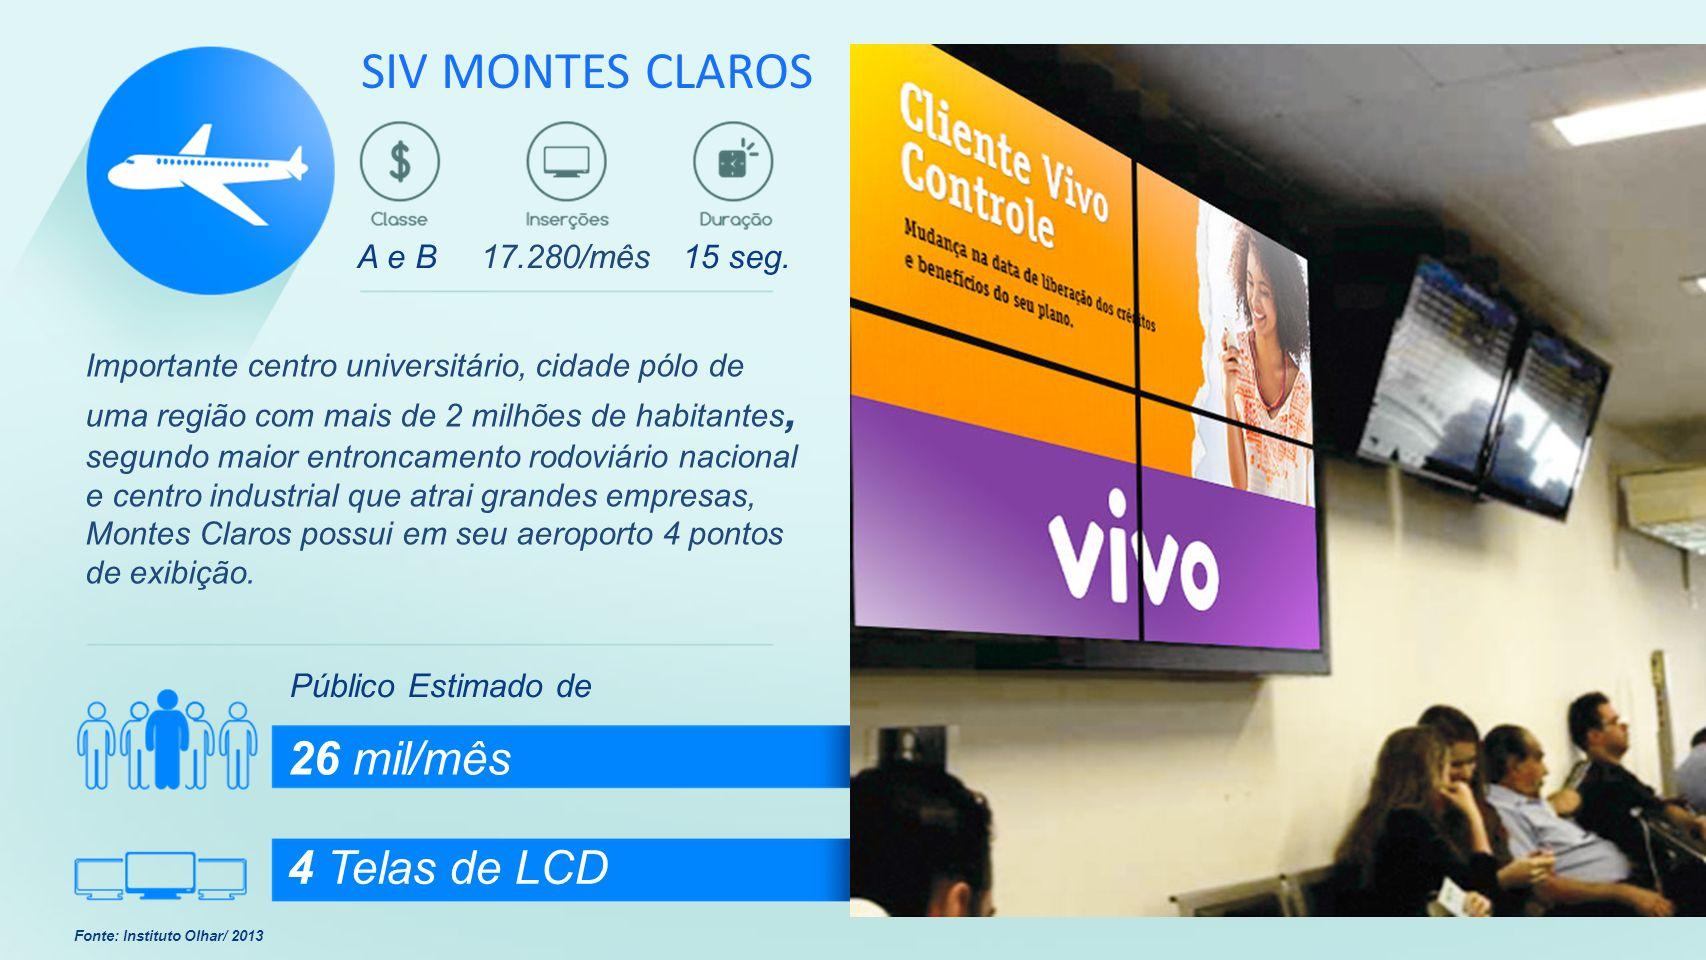 Público Estimado 86 mil/mês 14 Estabelecimentos 21 Telas de LCD A e B43.200/mês15 seg.